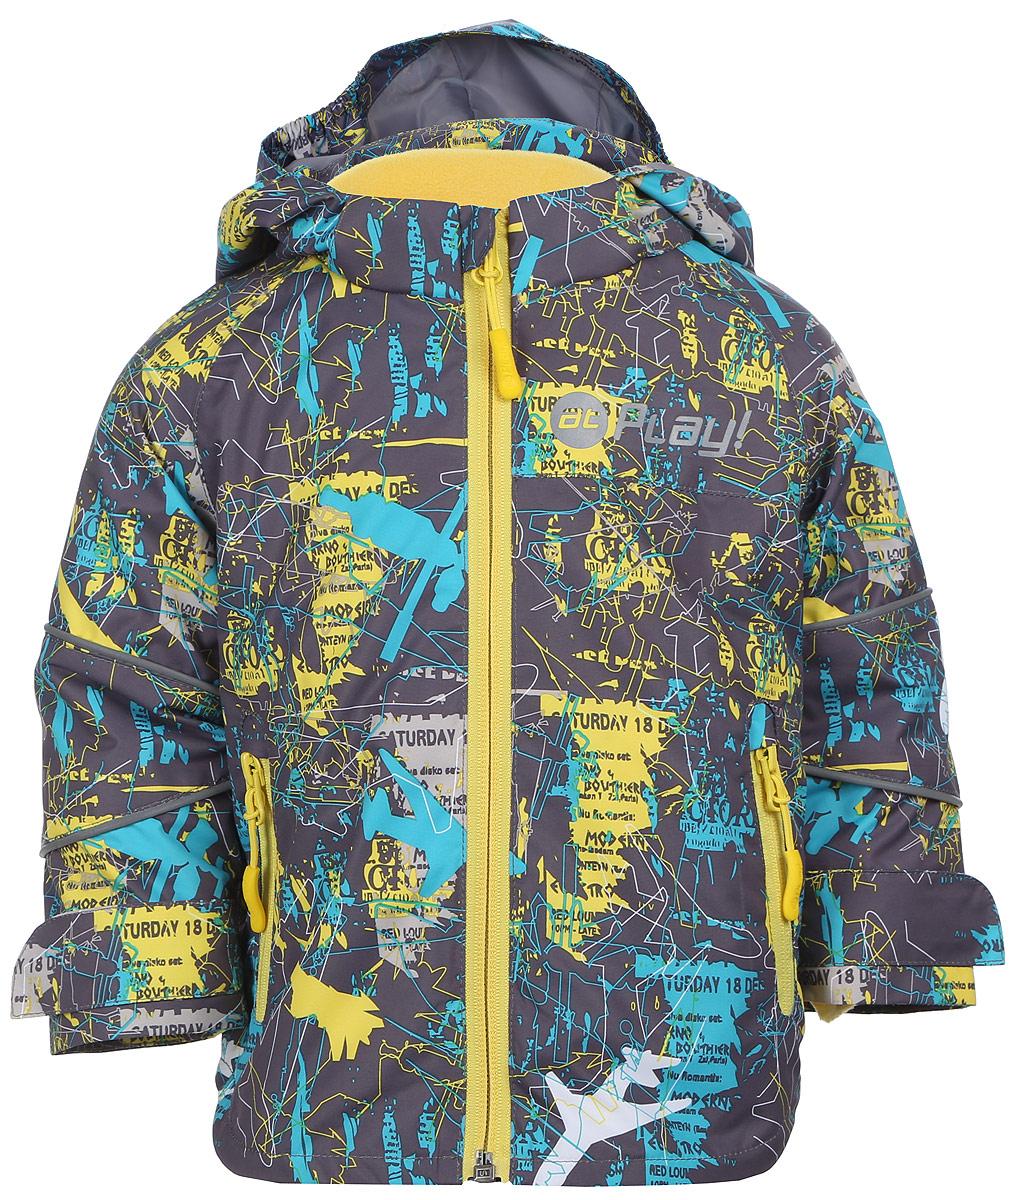 Куртка для мальчика atPlay!, цвет: серый, желтый. 2jk704. Размер 98, 3-4 года2jk704Удобная и комфортная куртка для мальчика atPlay! выполнена из качественного полиэстера, с покрытием Teflon от DuPont, которое облегчает уход за этой одеждой. Дышащая способность: 5000г/м и водонепроницаемость куртки: 5000мм. Куртка 2 в 1 с отстегивающейся флисовой поддевкой-кофточкой из материала Polar fleese, которая служит как утеплитель, а также ее можно носить отдельно. Такая кофточка отличное решение для весеннего периода, к тому же она изготовлена с антипиллинговой обработкой ворса для сохранения качественных характеристик на более длительный срок. Куртка с воротником-стойкой и отстегивающимся капюшоном застегивается на молнию с защитой подбородка. Манжеты рукавов дополнены широкими утягивающими хлястиками на липучках. Спереди модель оформлена двумя прорезными карманами на застежках-молниях, с внутренней стороны на поддевке-кофточке расположены два накладных кармана.Куртка оснащена светоотражающими полосками на рукавах и оформлена стильным принтом.